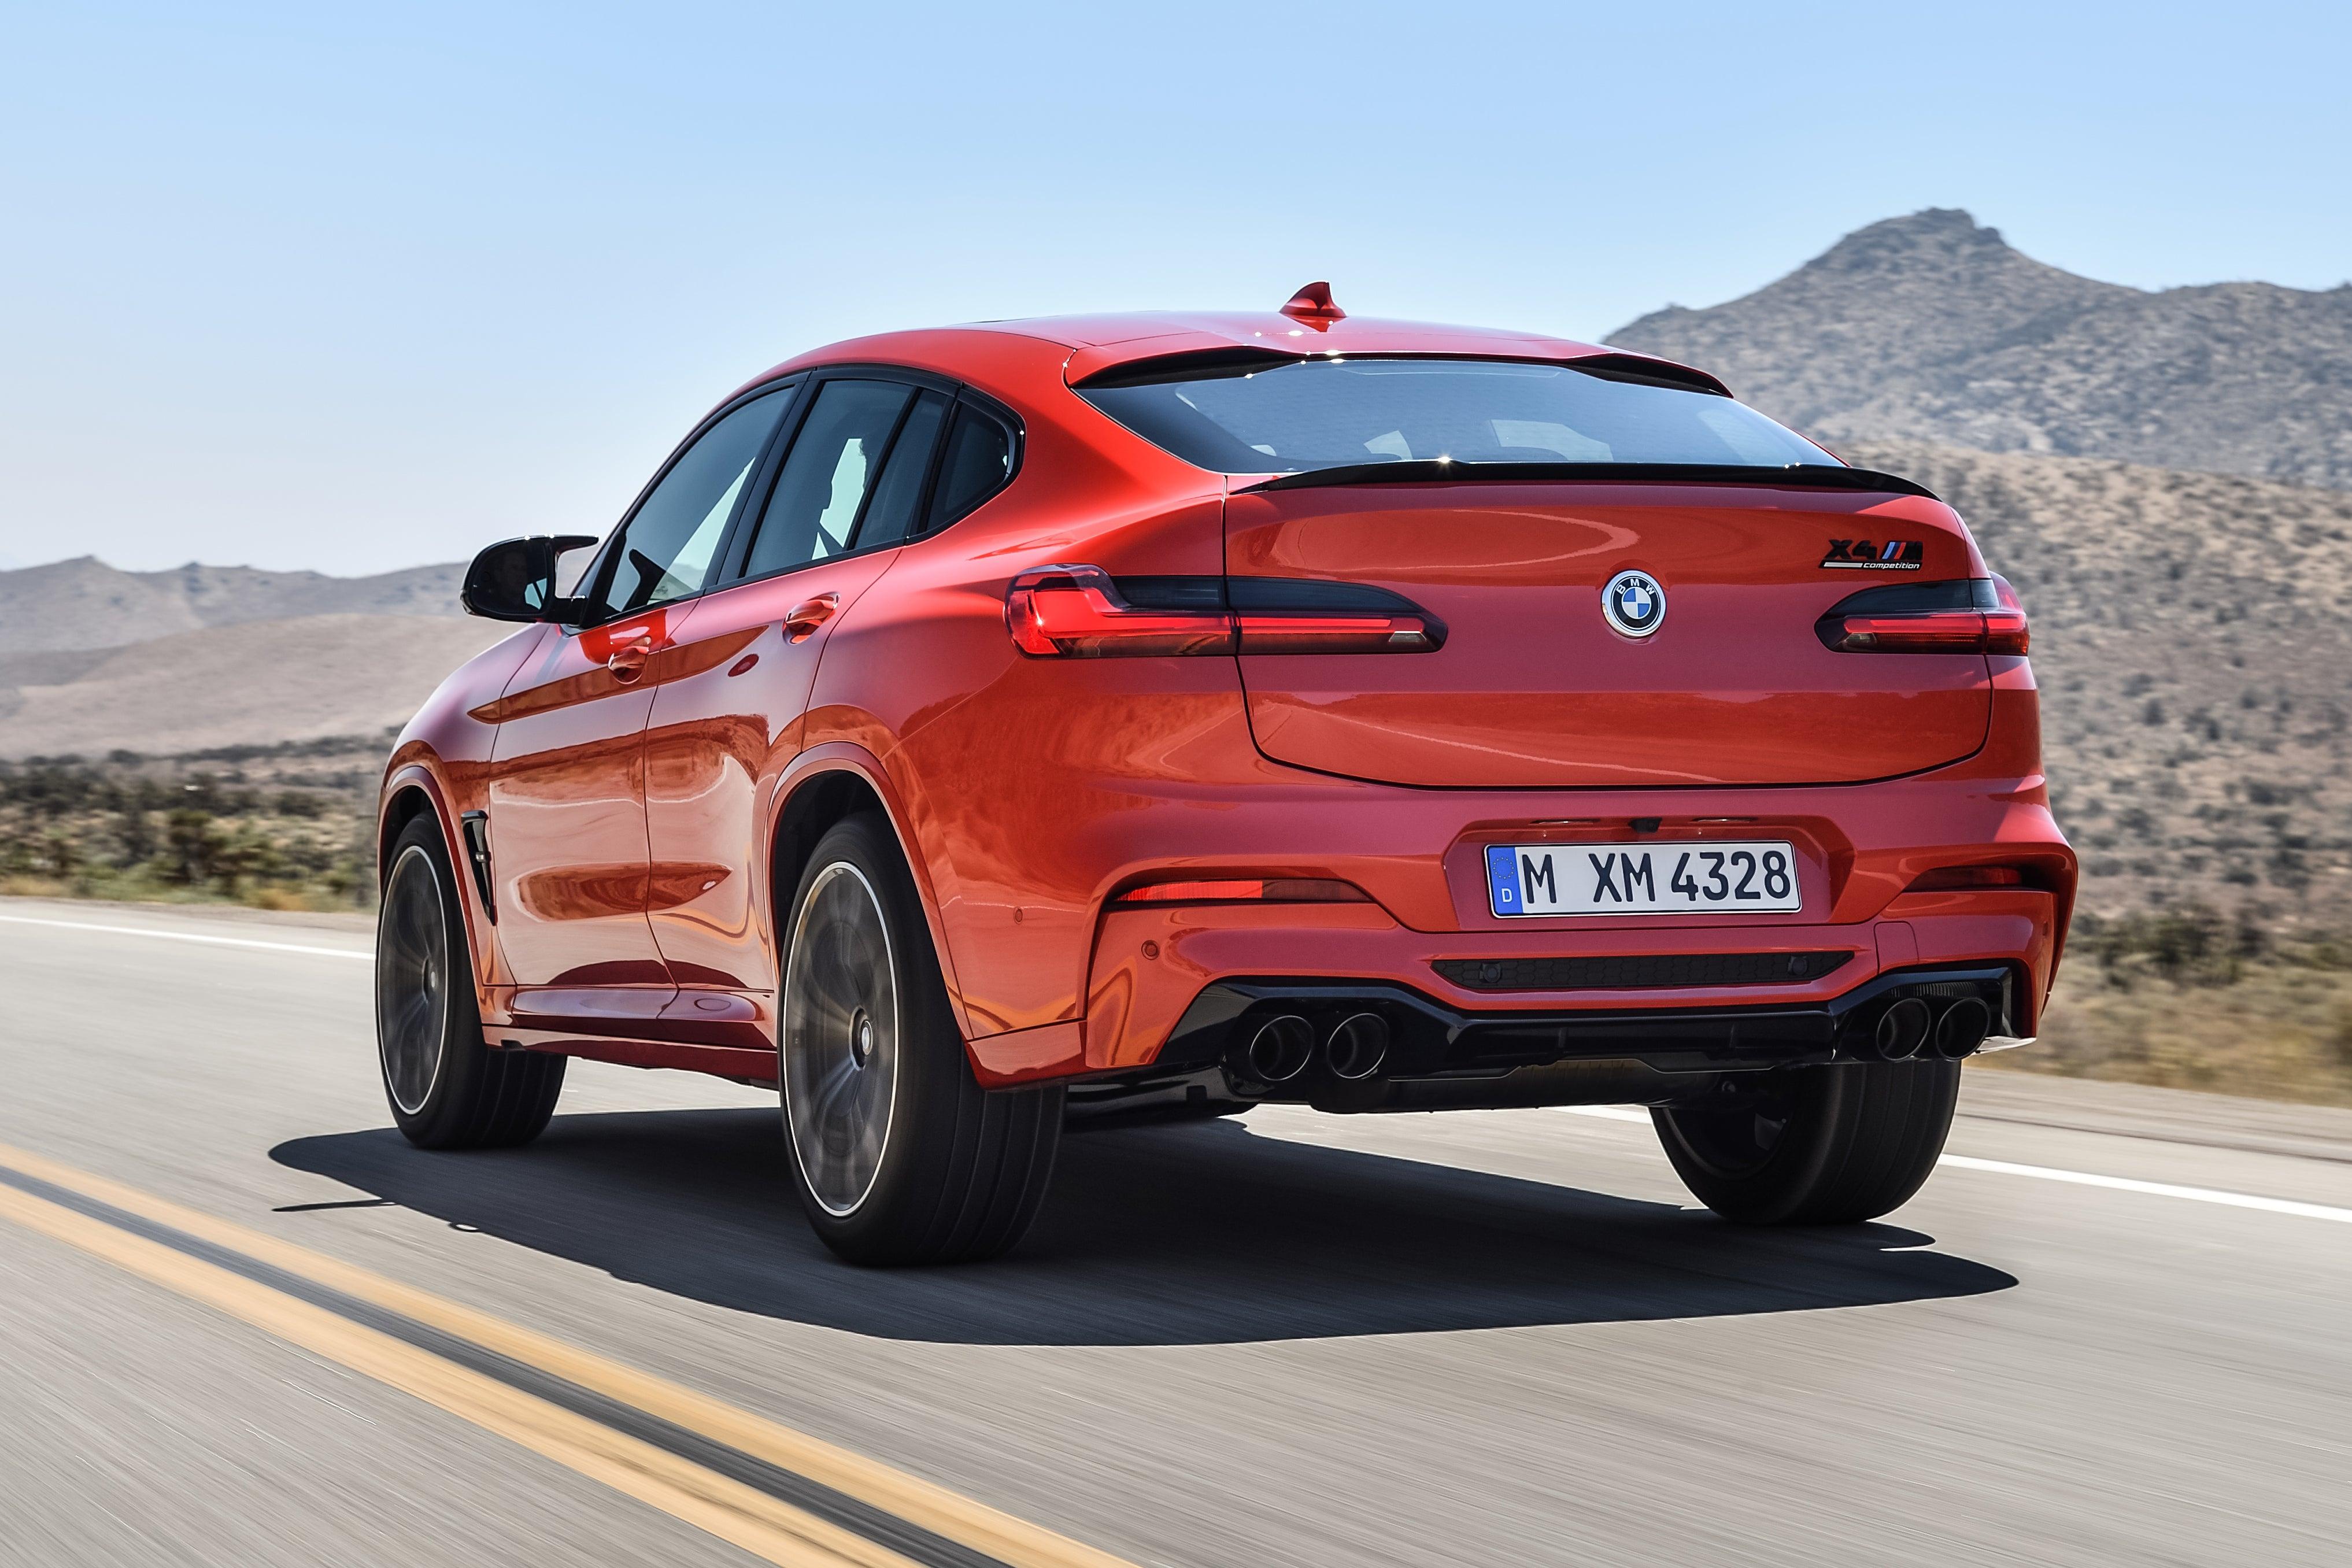 BMW X4 M Competition dynamic rear-three quarter